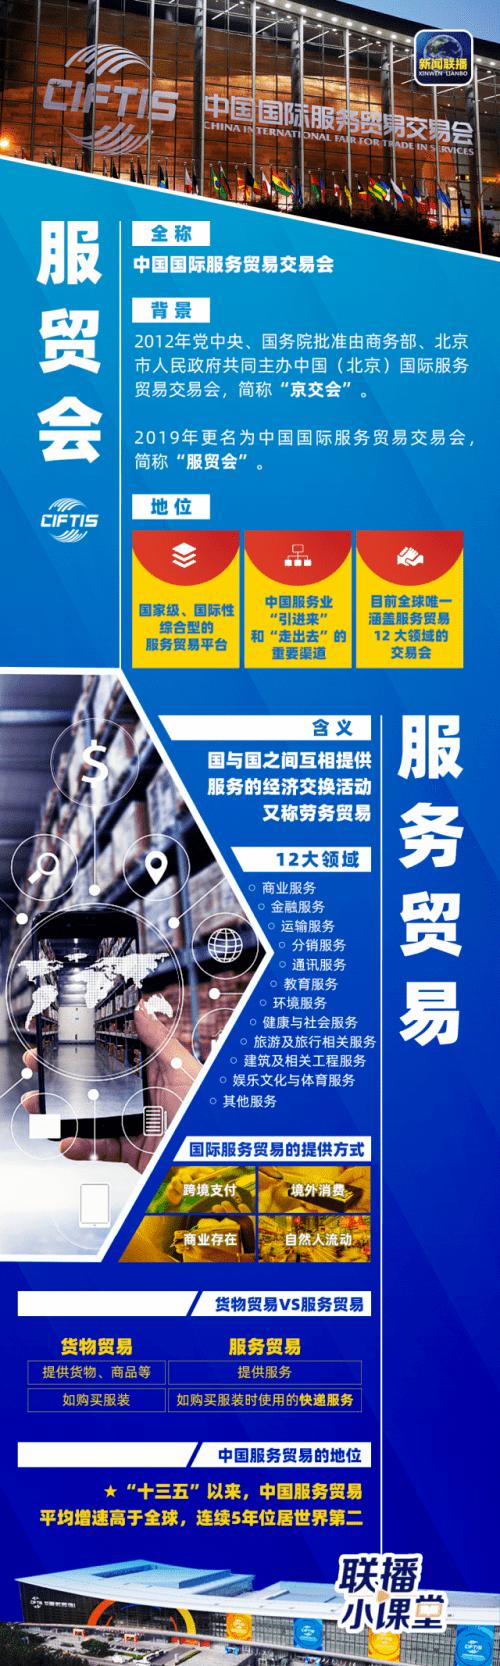 石头证券:北京证交所的成立具有时代意义!  第2张 石头证券:北京证交所的成立具有时代意义! 币圈信息